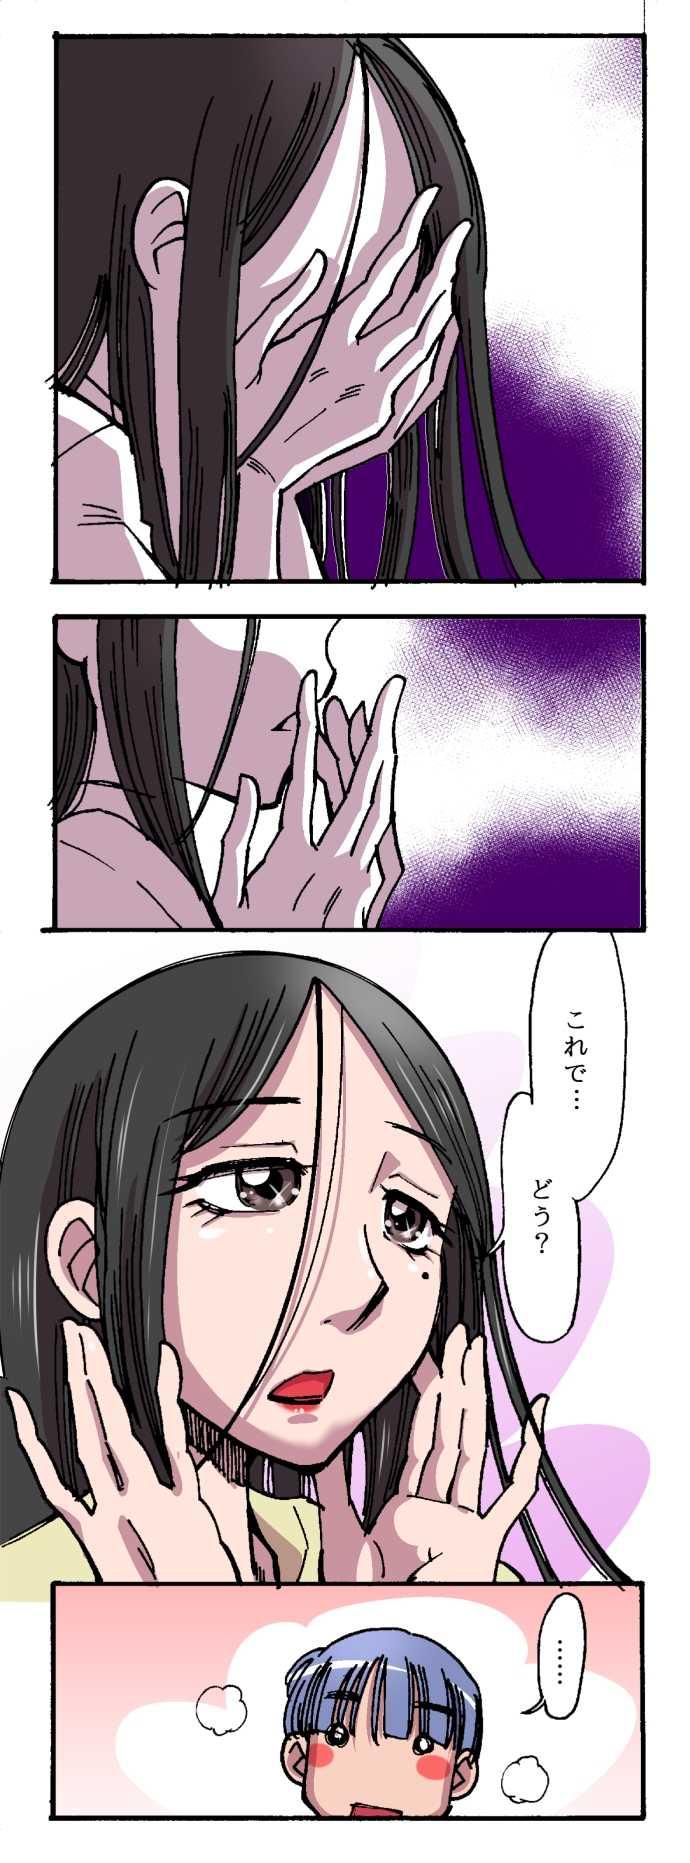 01.「わっ、のっぺらぼうだ」